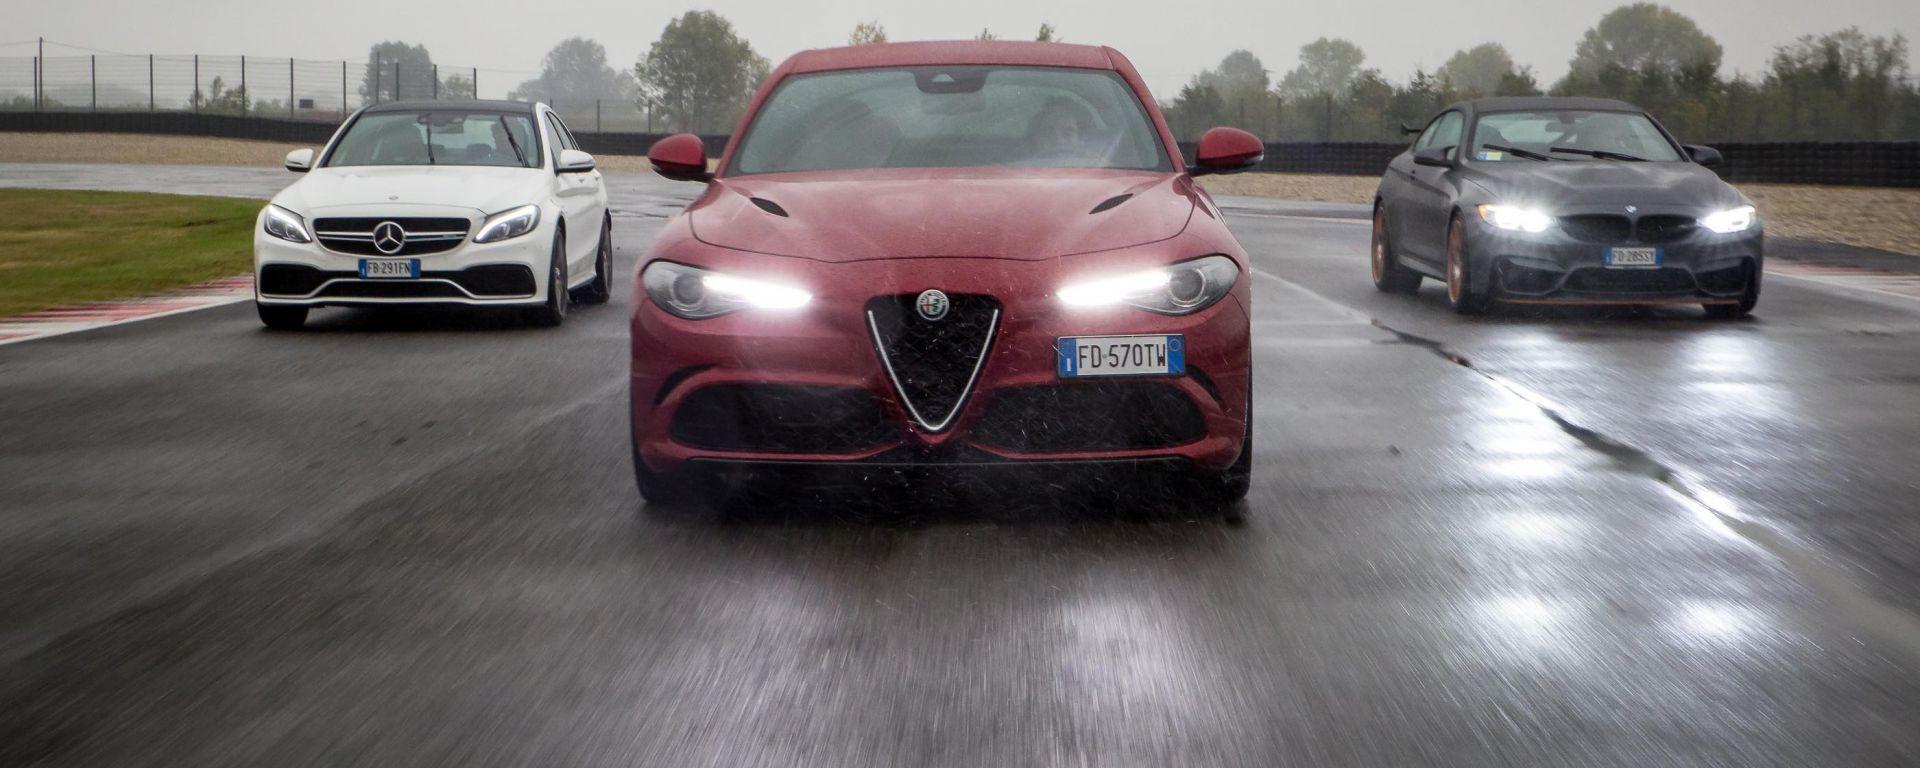 Alfa Romeo Giulia Quadrifoglio, BMW M4 GTS, Mercedes C63 AMG S: il confronto in pista